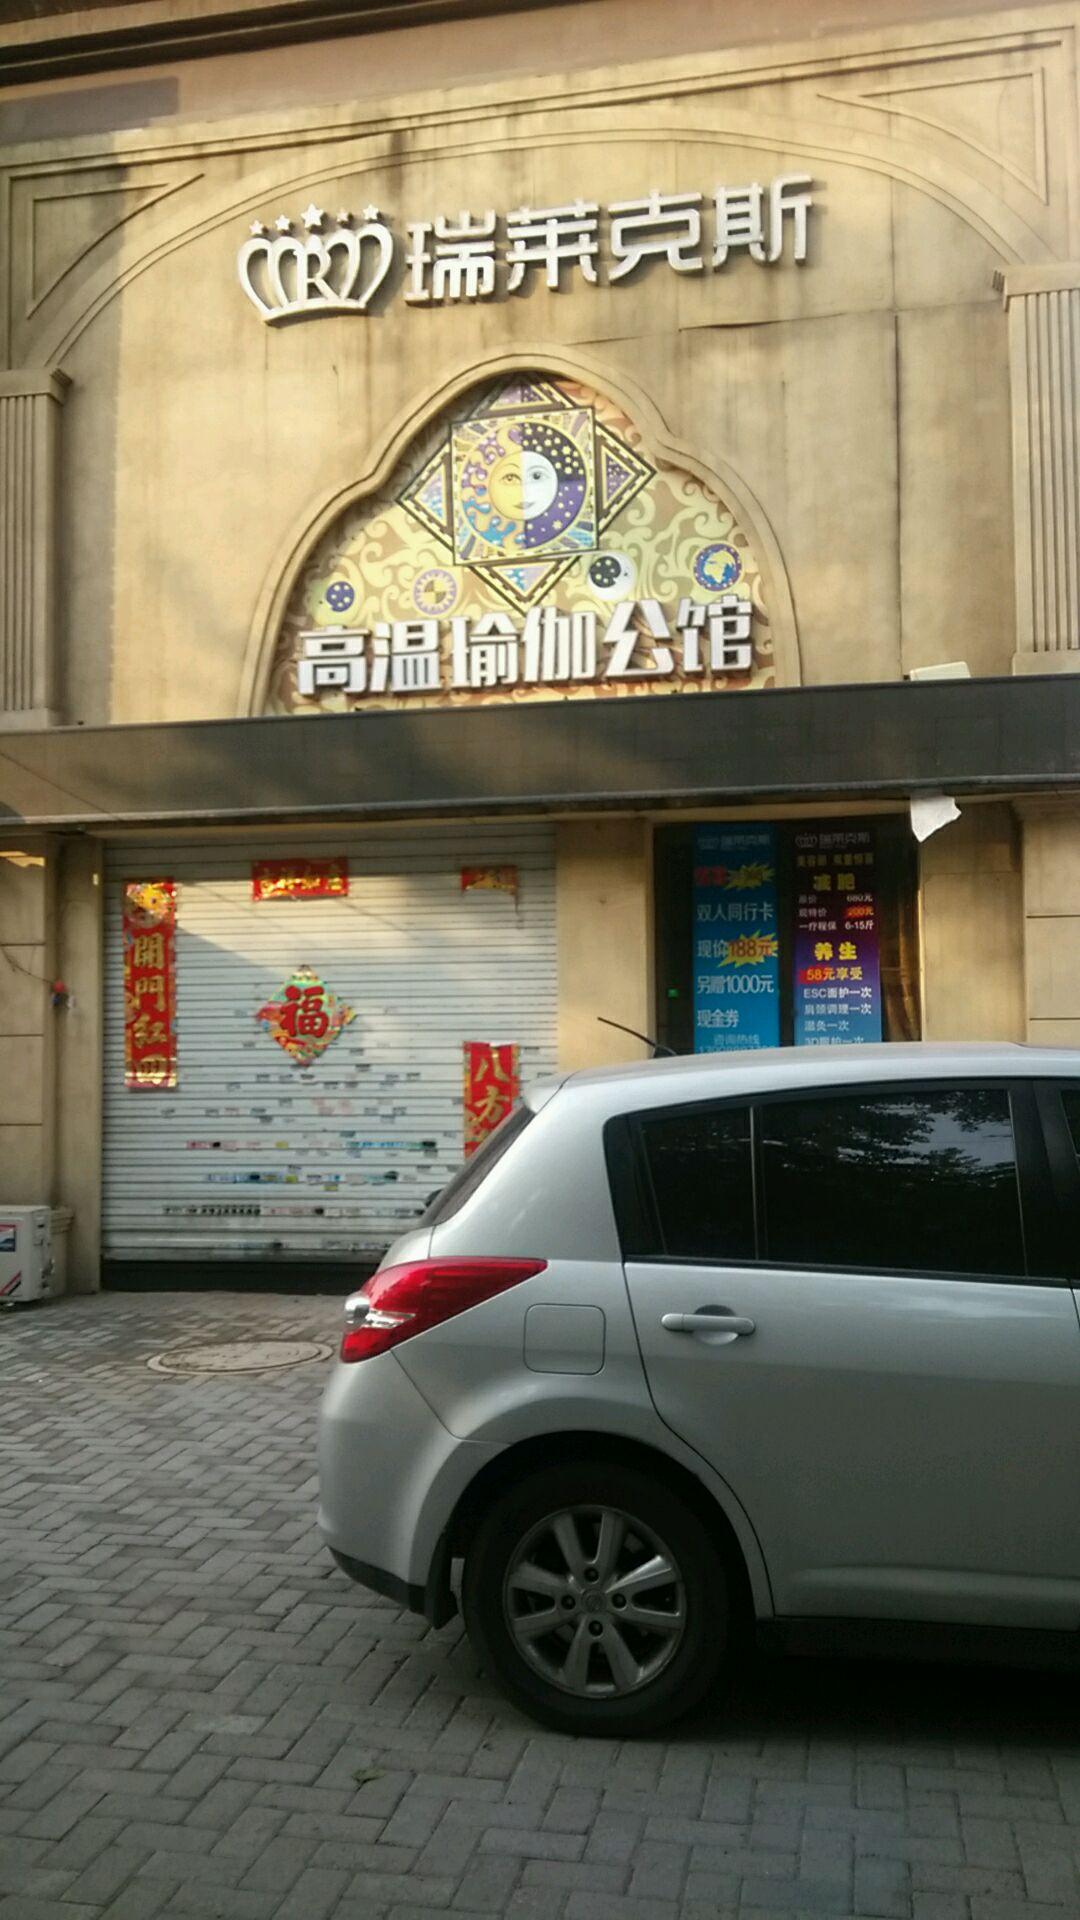 瑞莱克斯高温瑜伽公馆